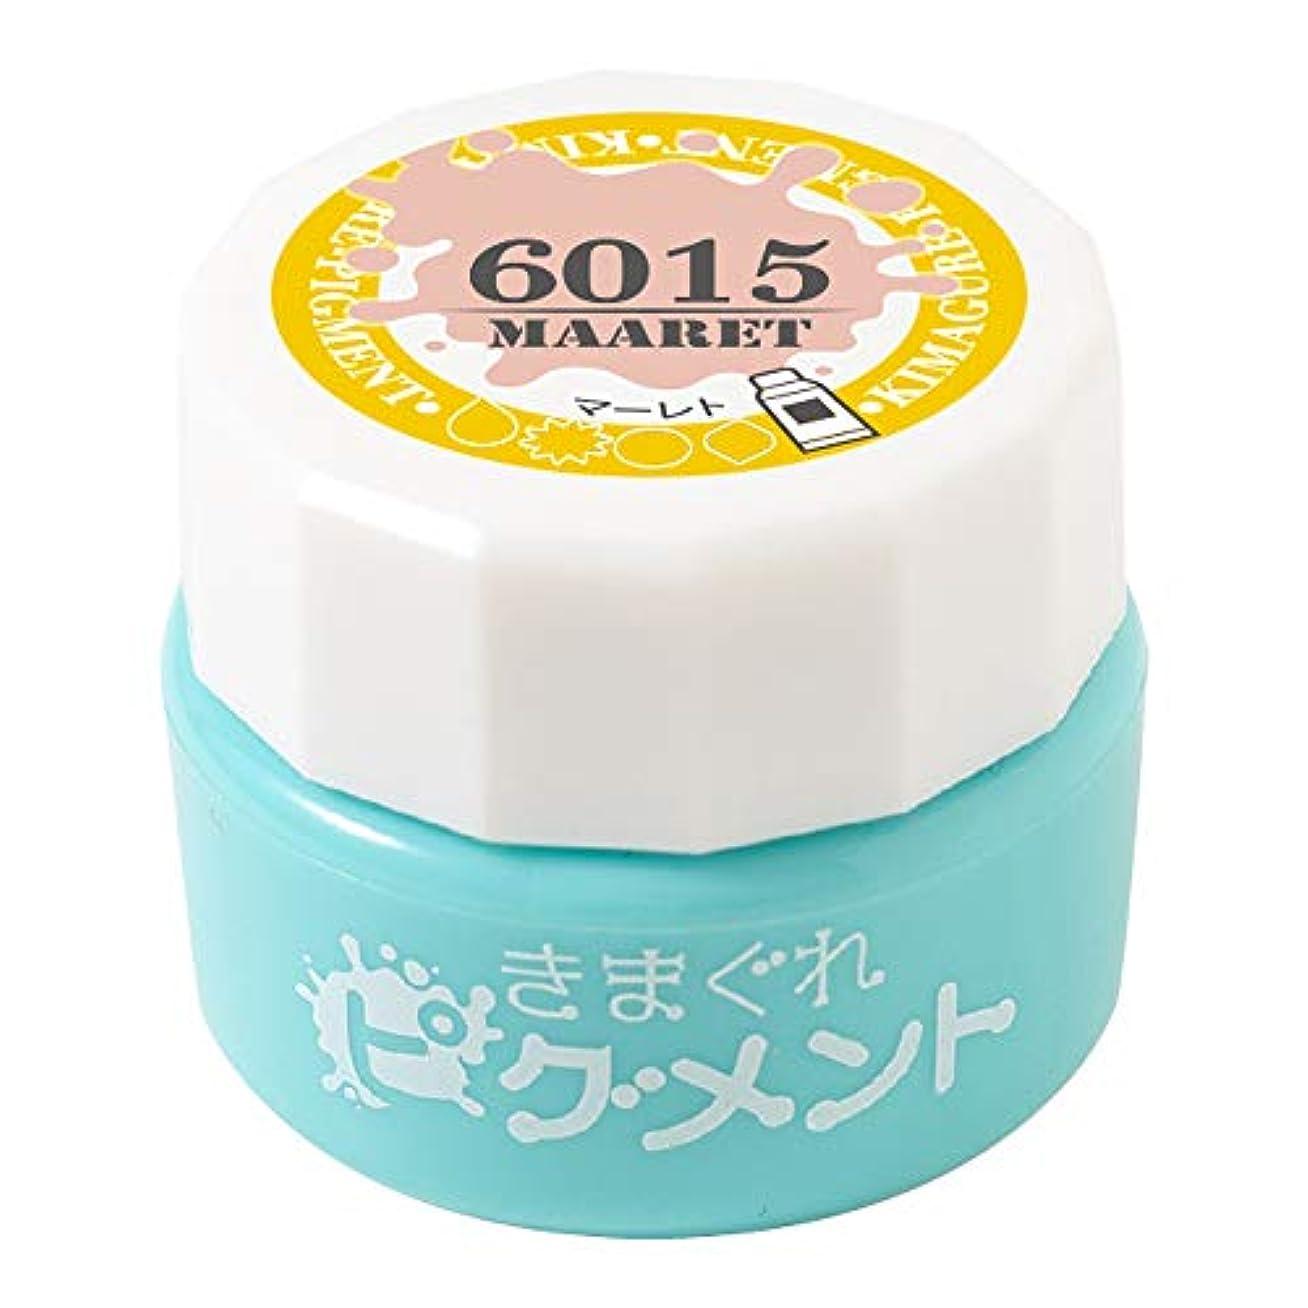 Bettygel きまぐれピグメント マーレト QYJ-6015 4g UV/LED対応